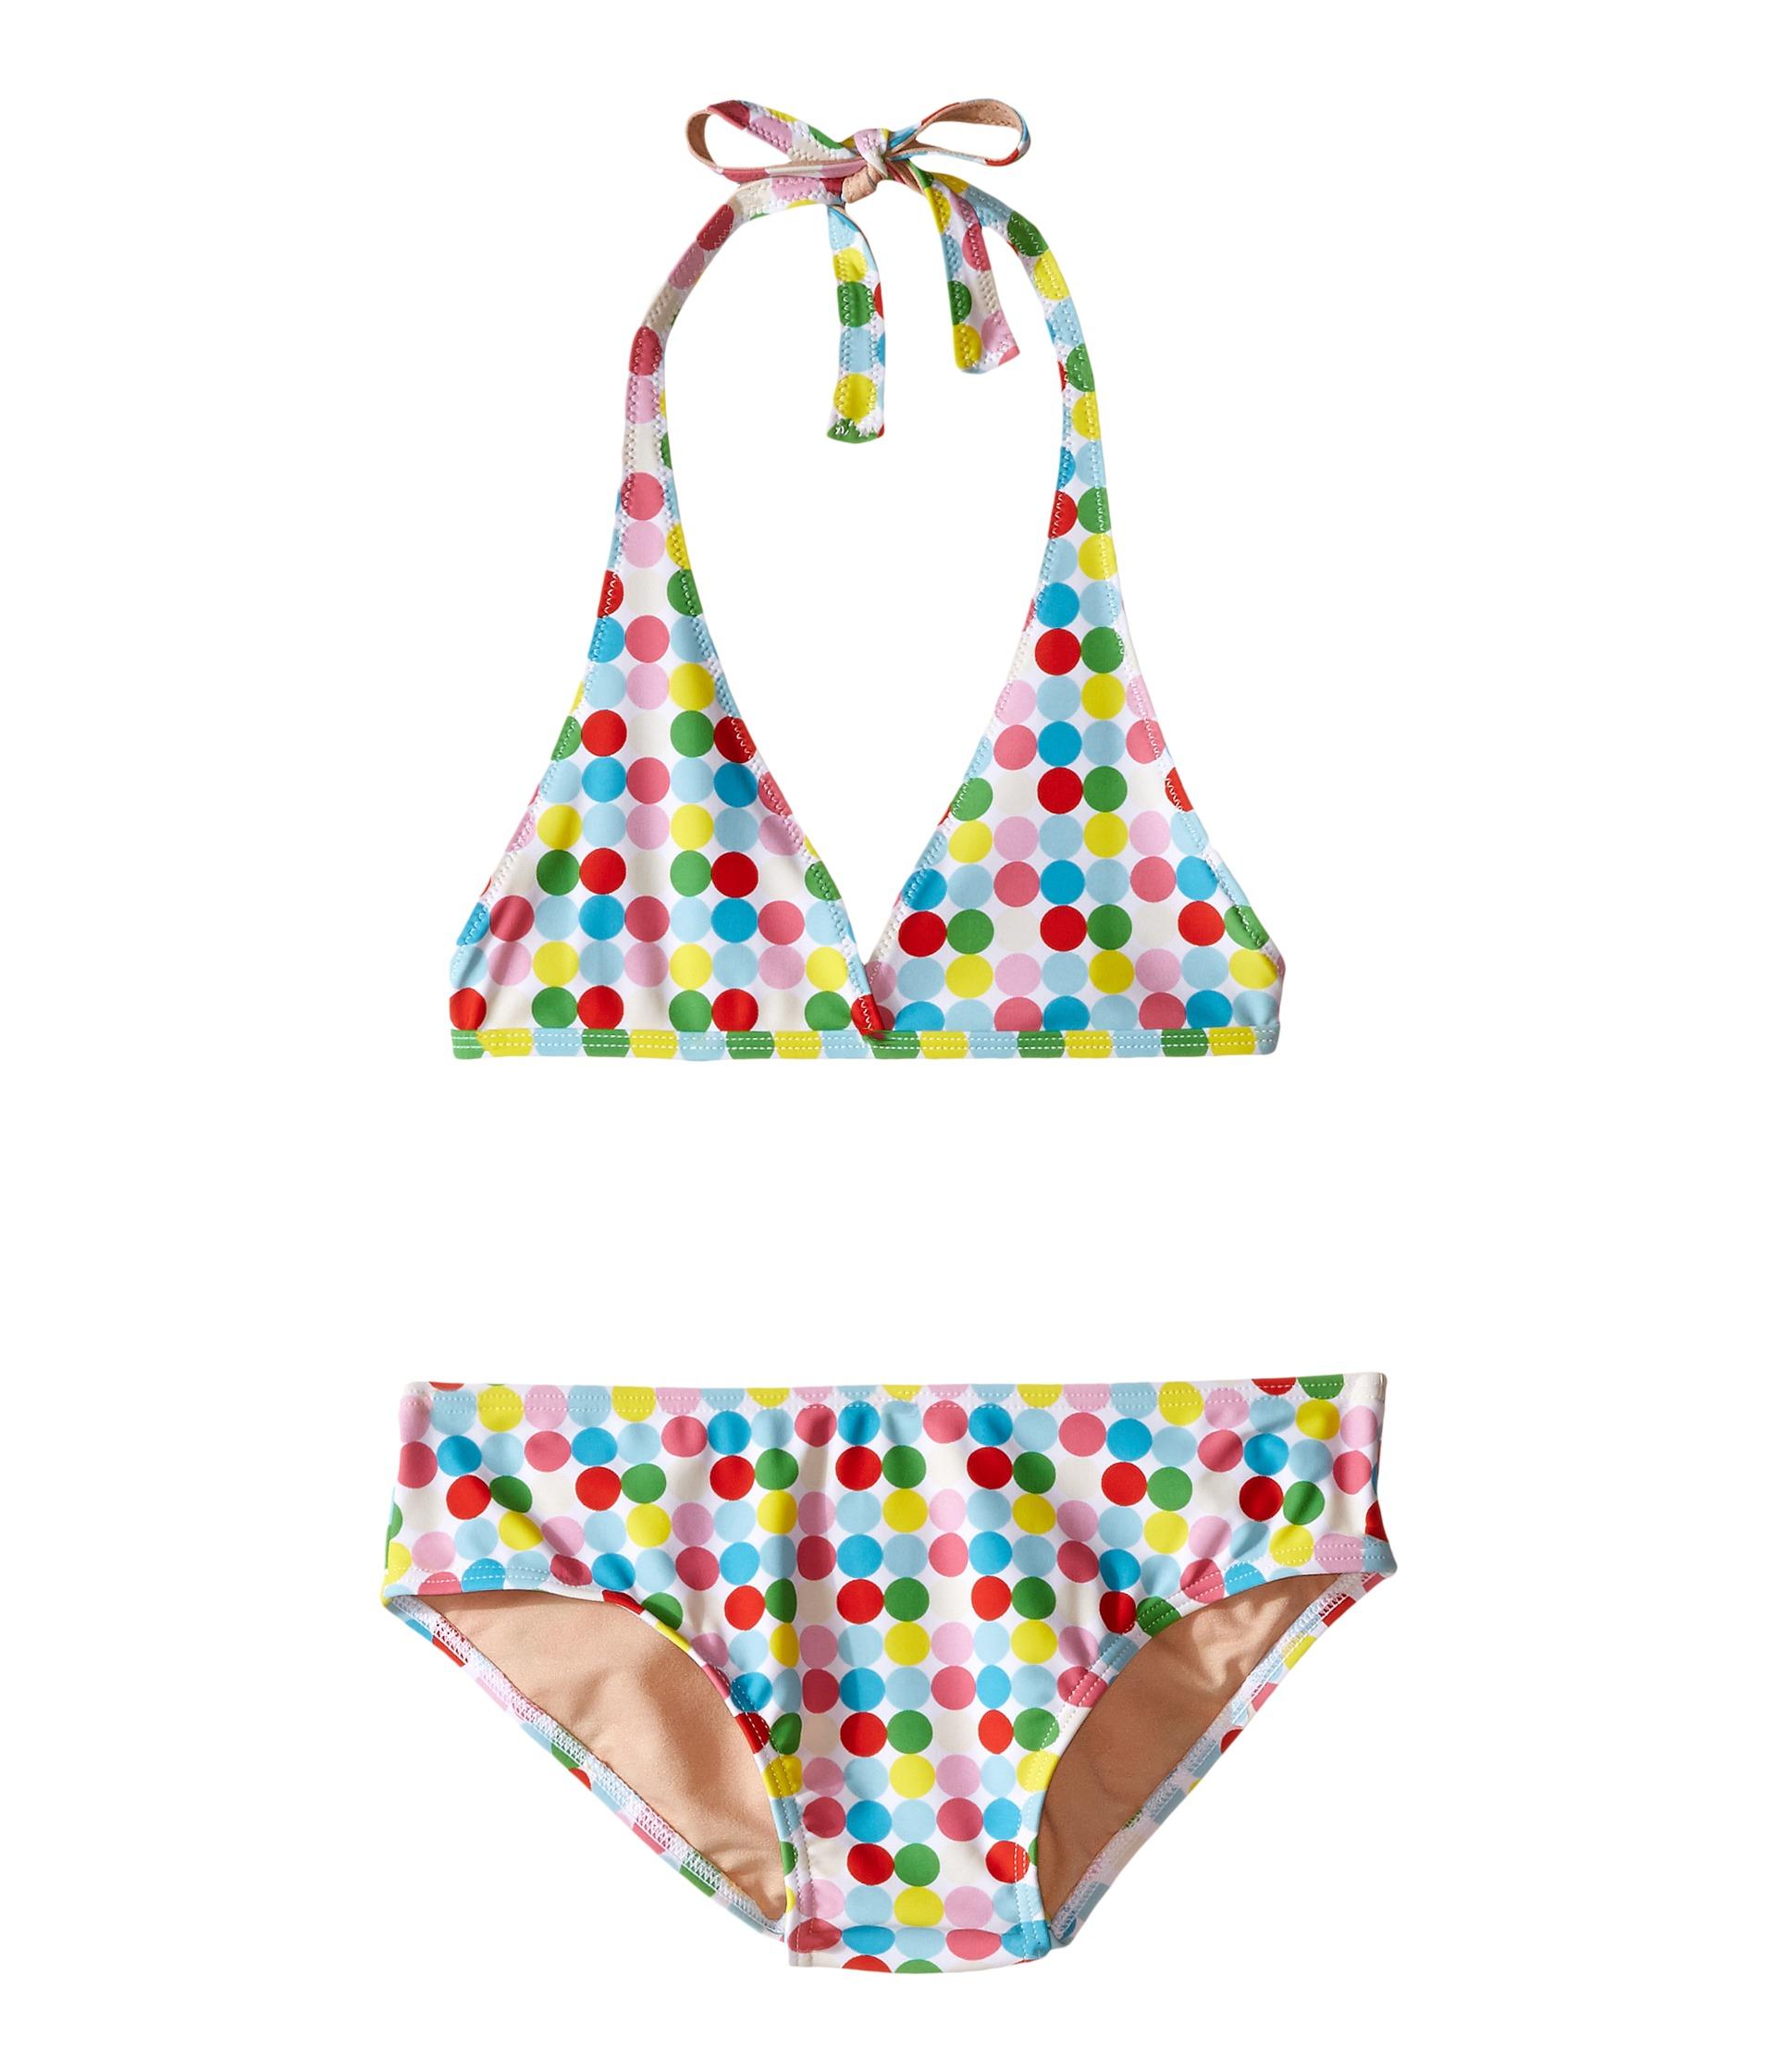 Toobydoo Dot String Bikini (Infant/Toddler/Little Kids/Big